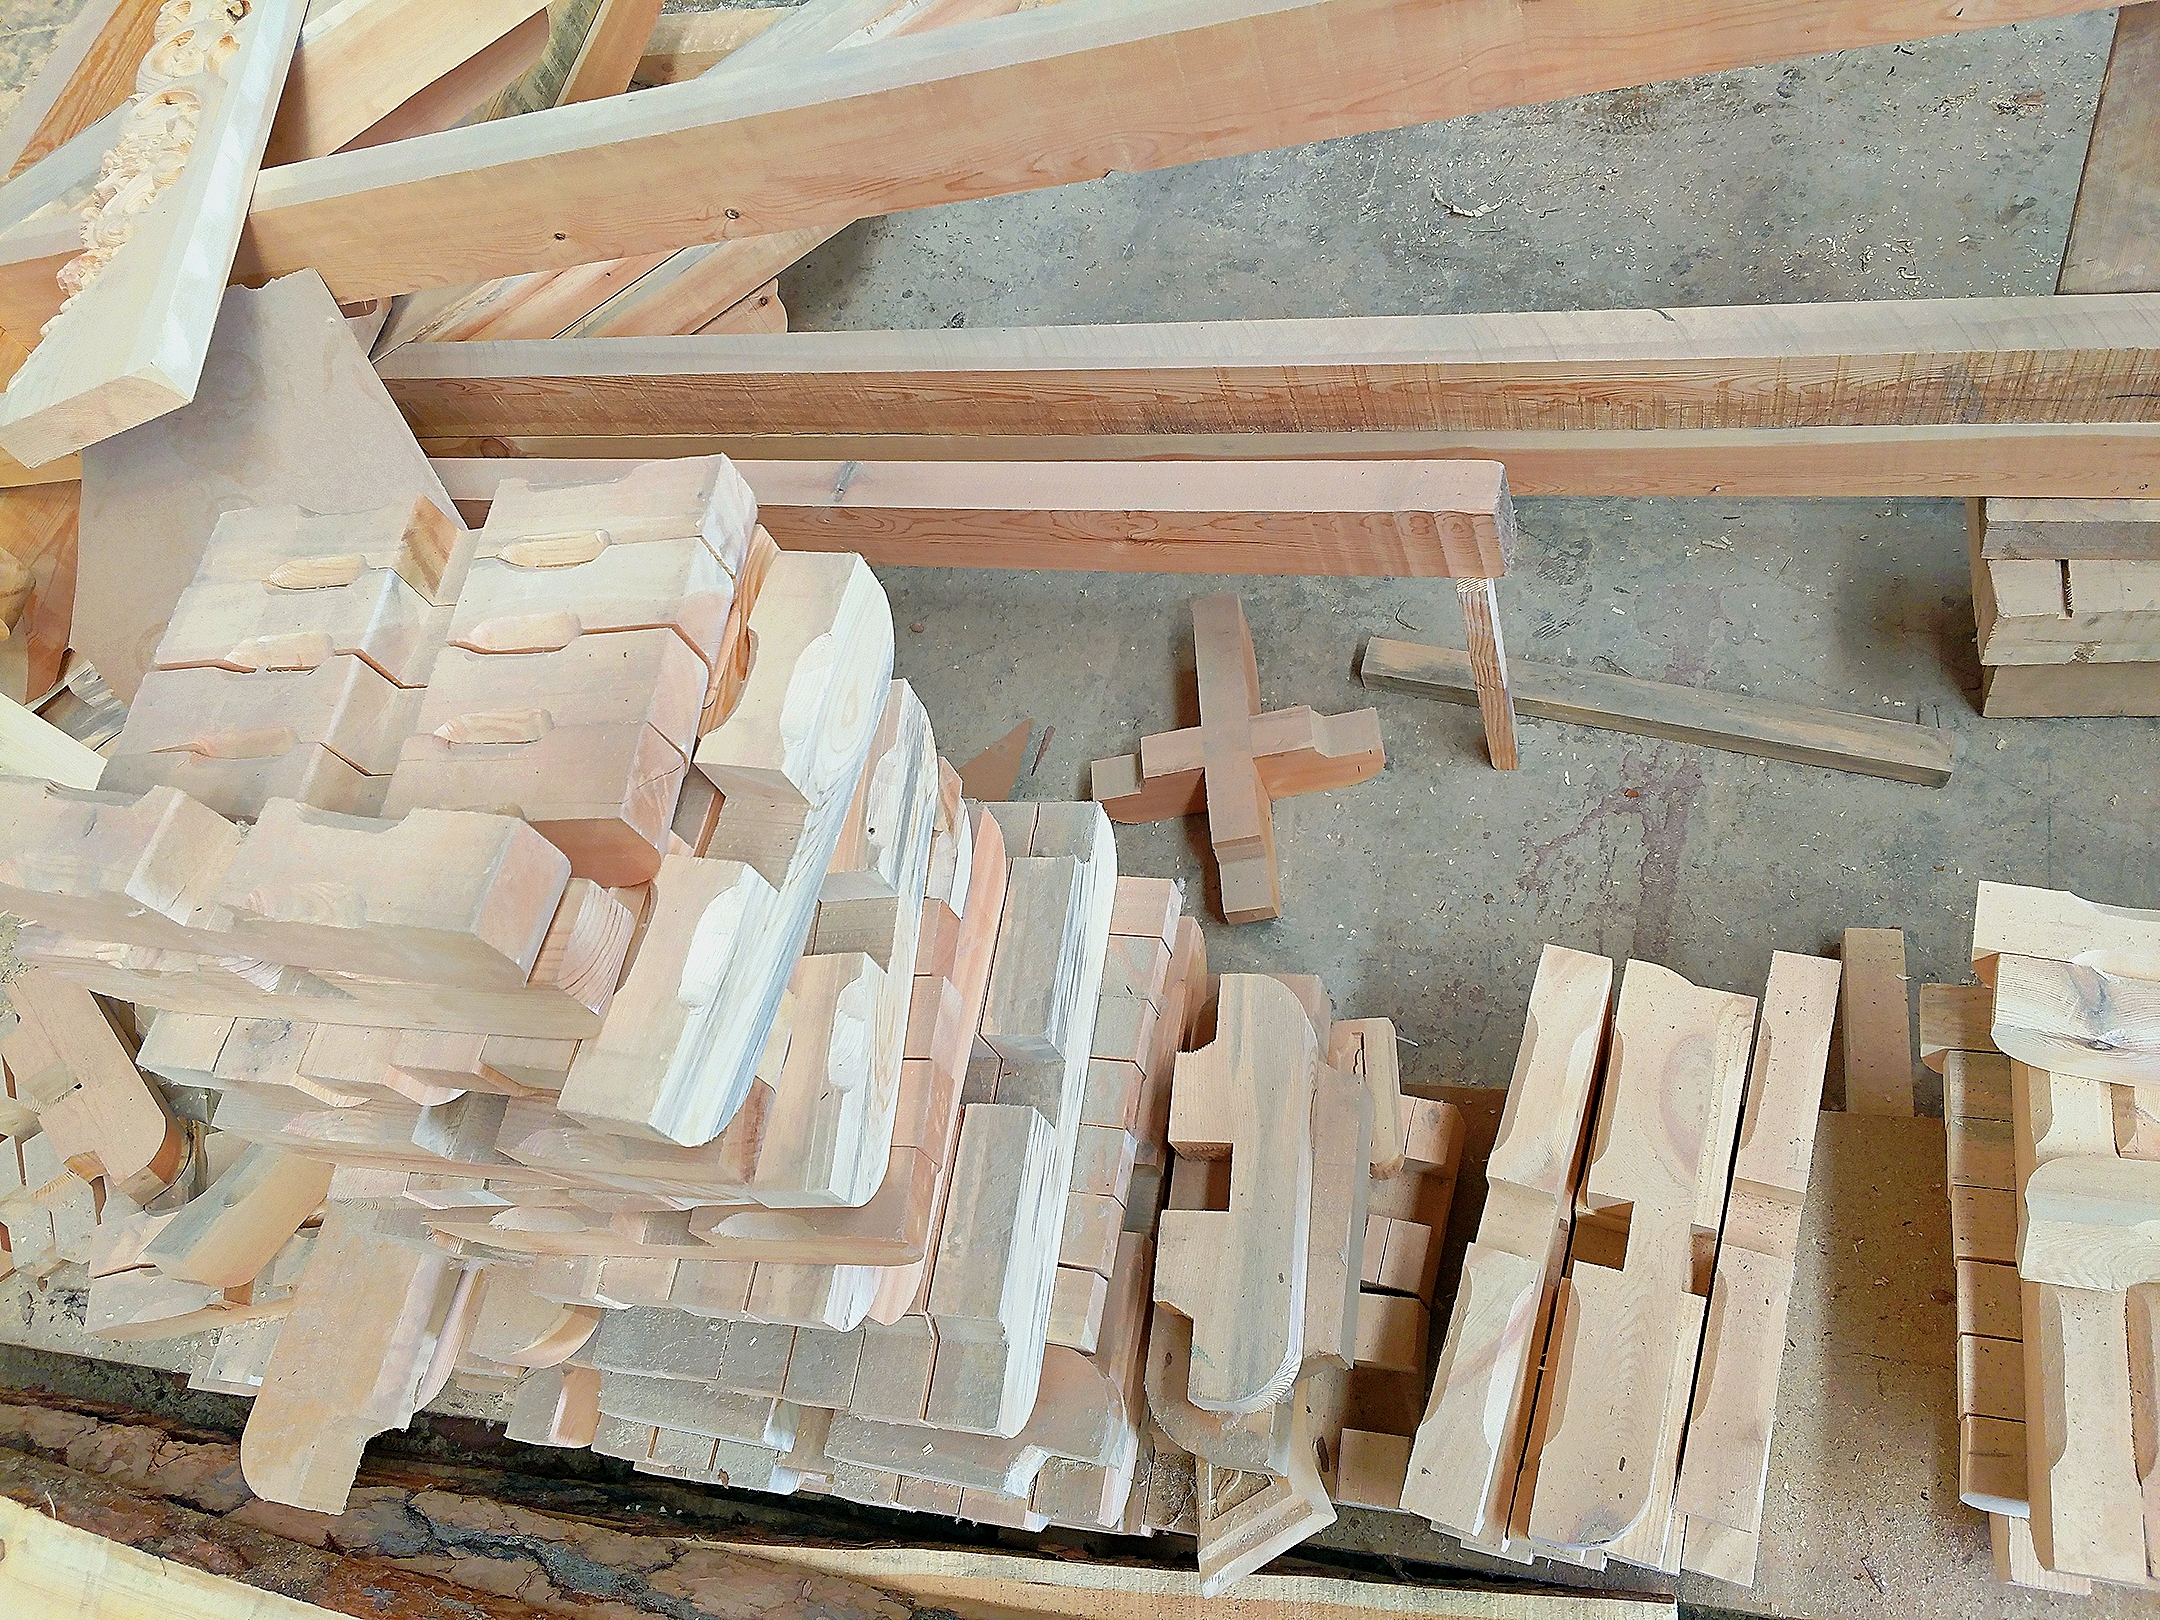 斗拱既作为结构又具有装饰作用,它组成了千姿百态的出檐悬挑形态